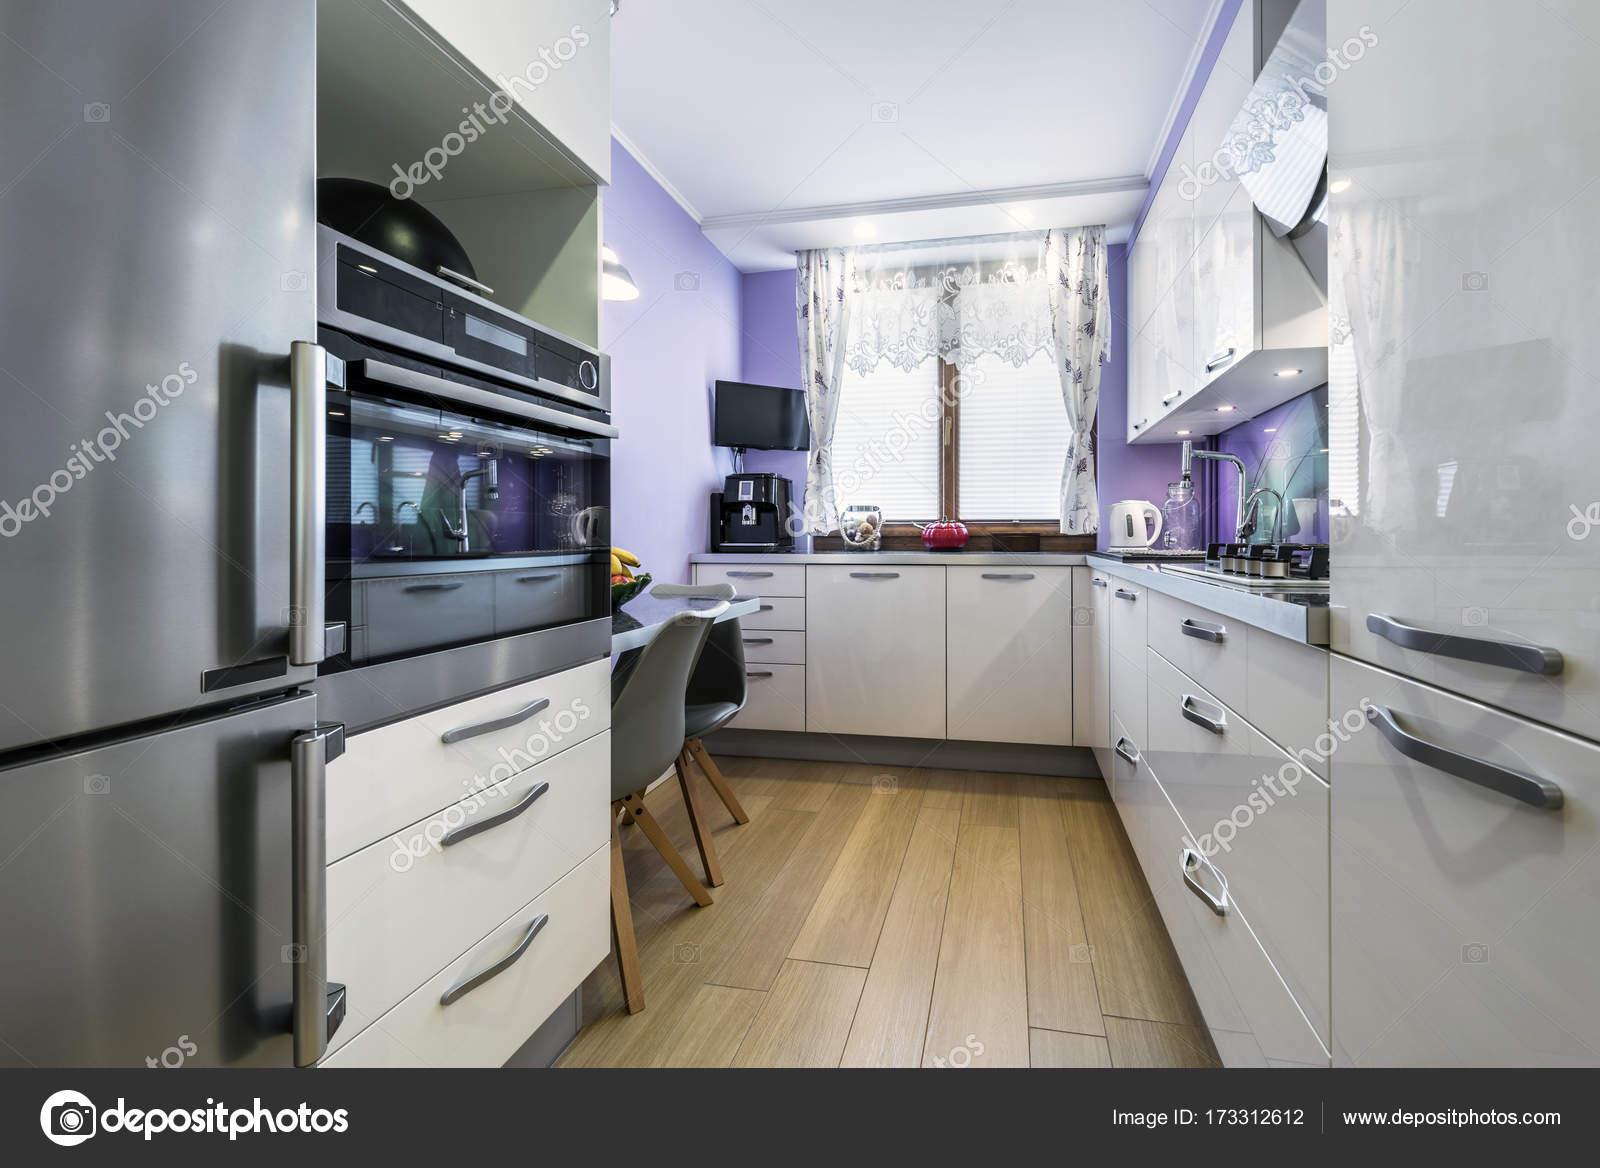 Design De Interiores De Cozinha Moderna Stock Photo Jacek_kadaj